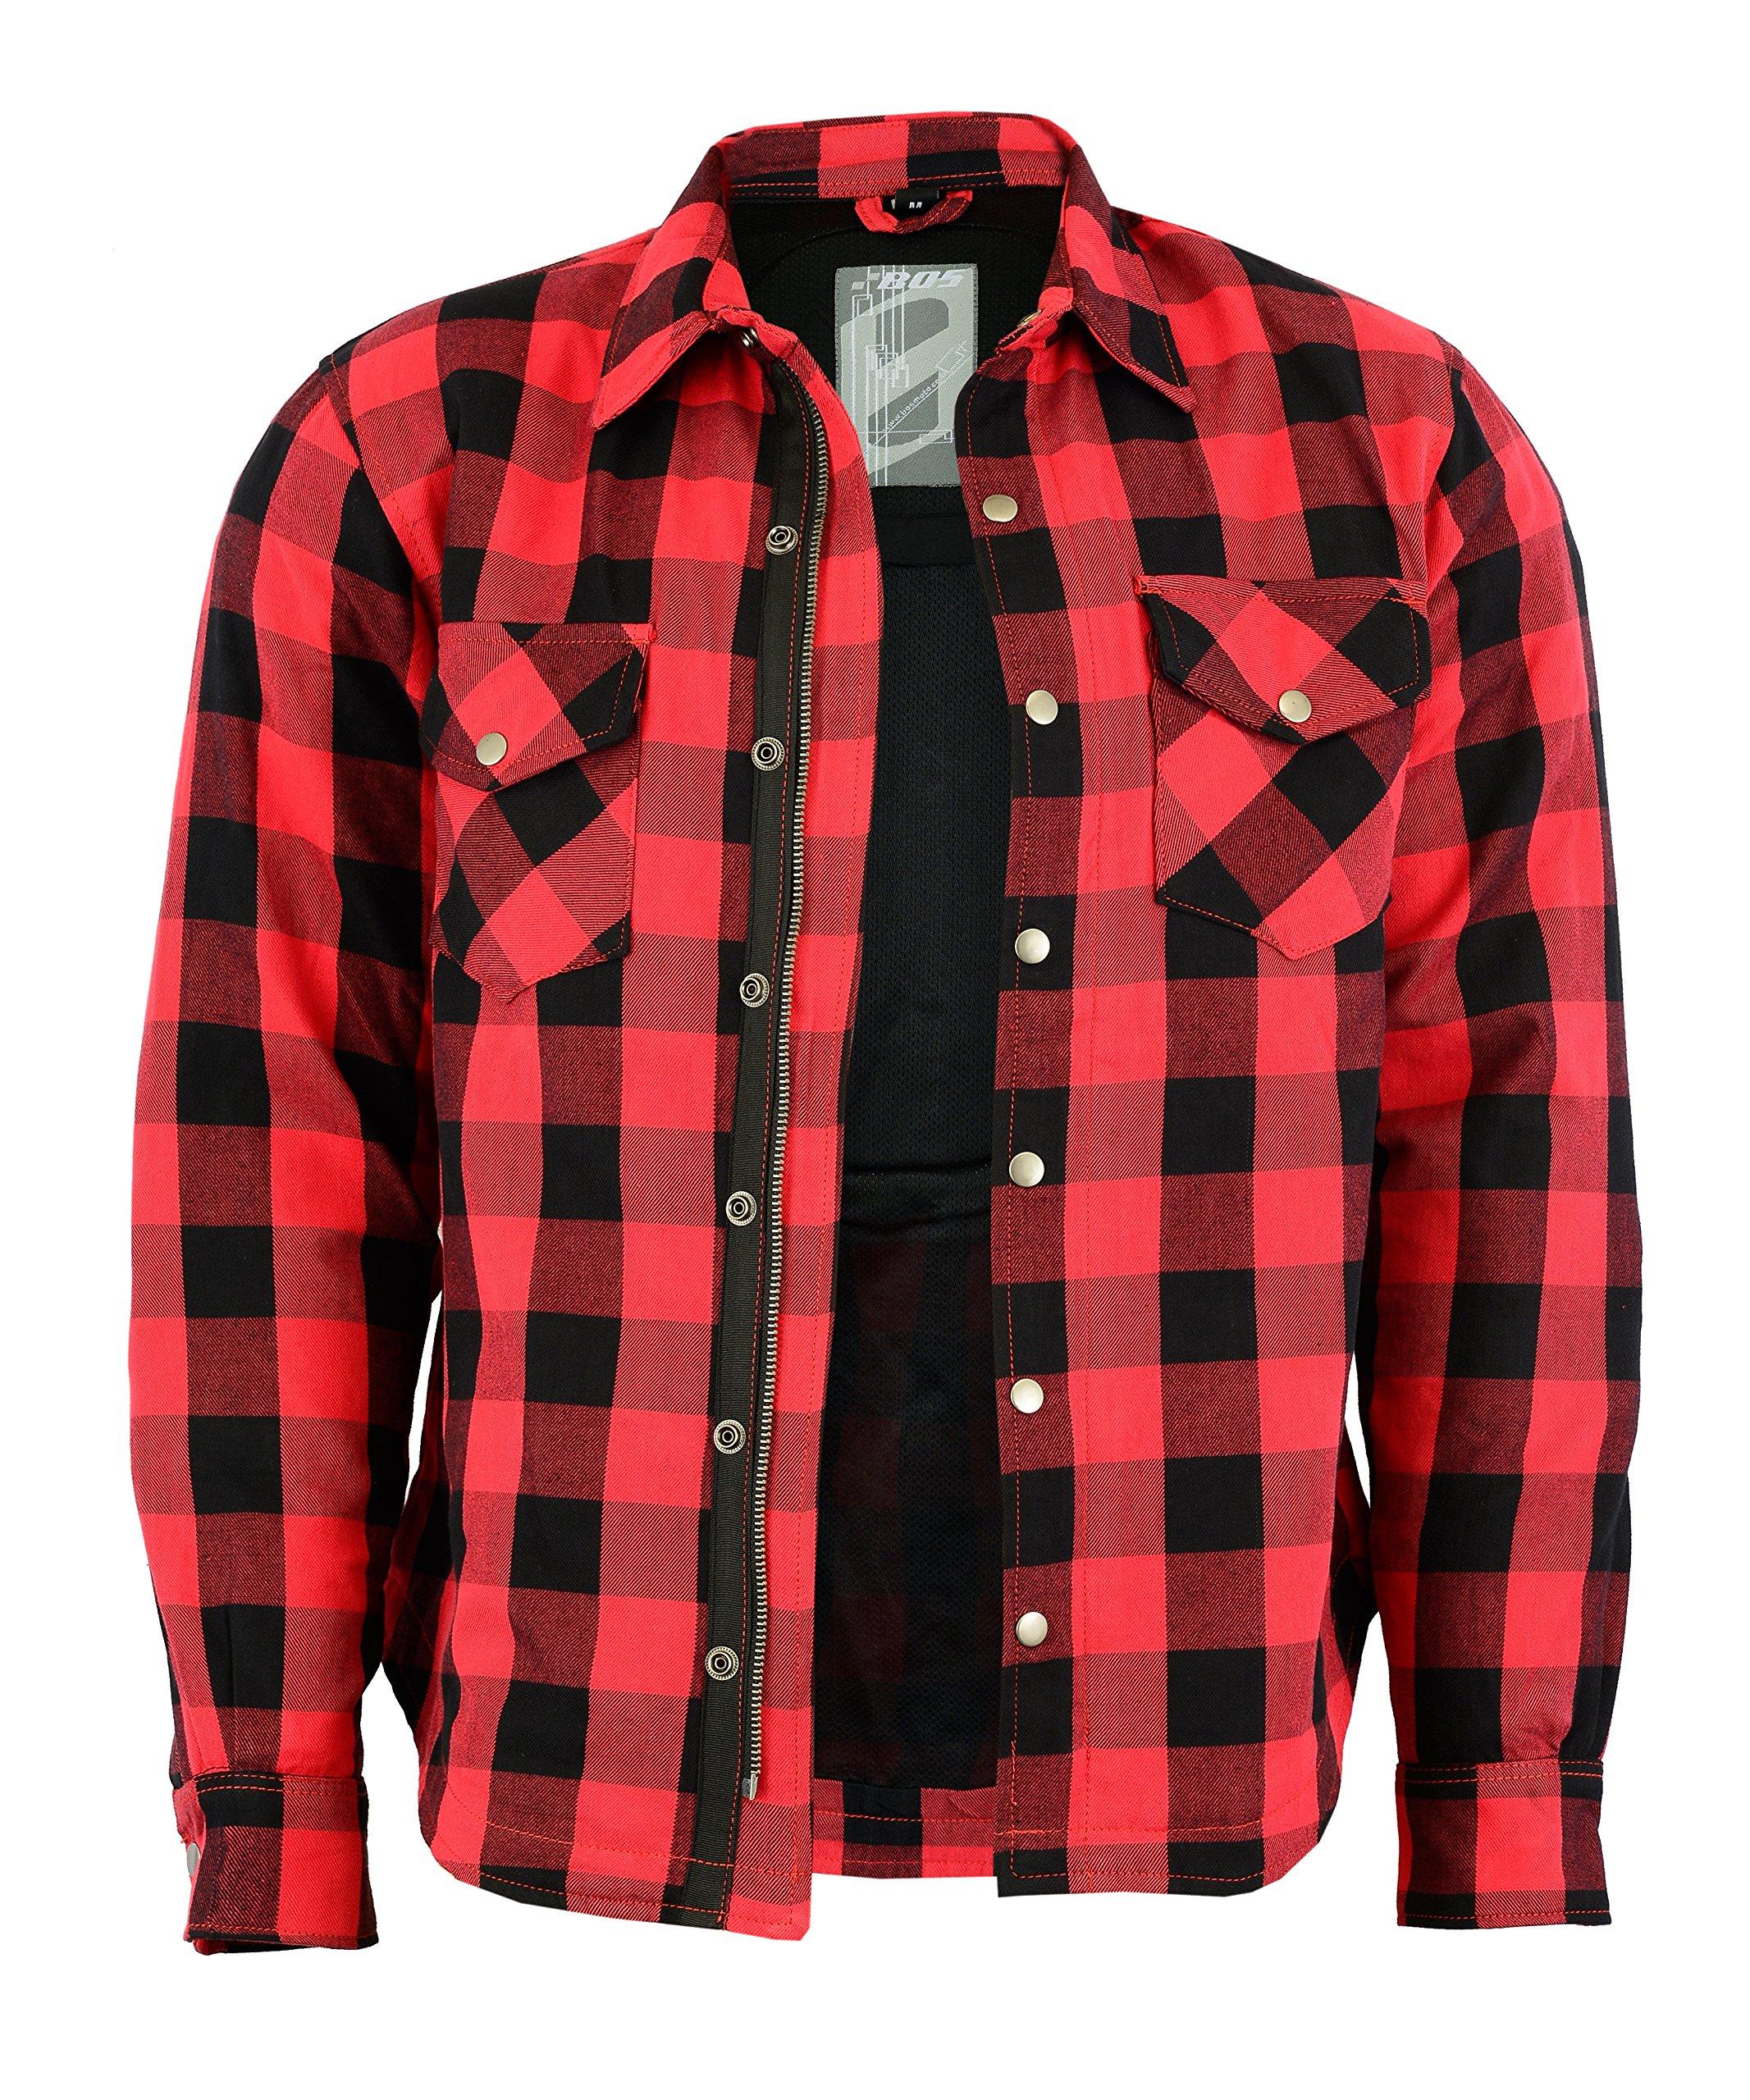 Lumberjack - Camisa-chaqueta a cuadros de color rojo y negro: Amazon.es: Coche y moto